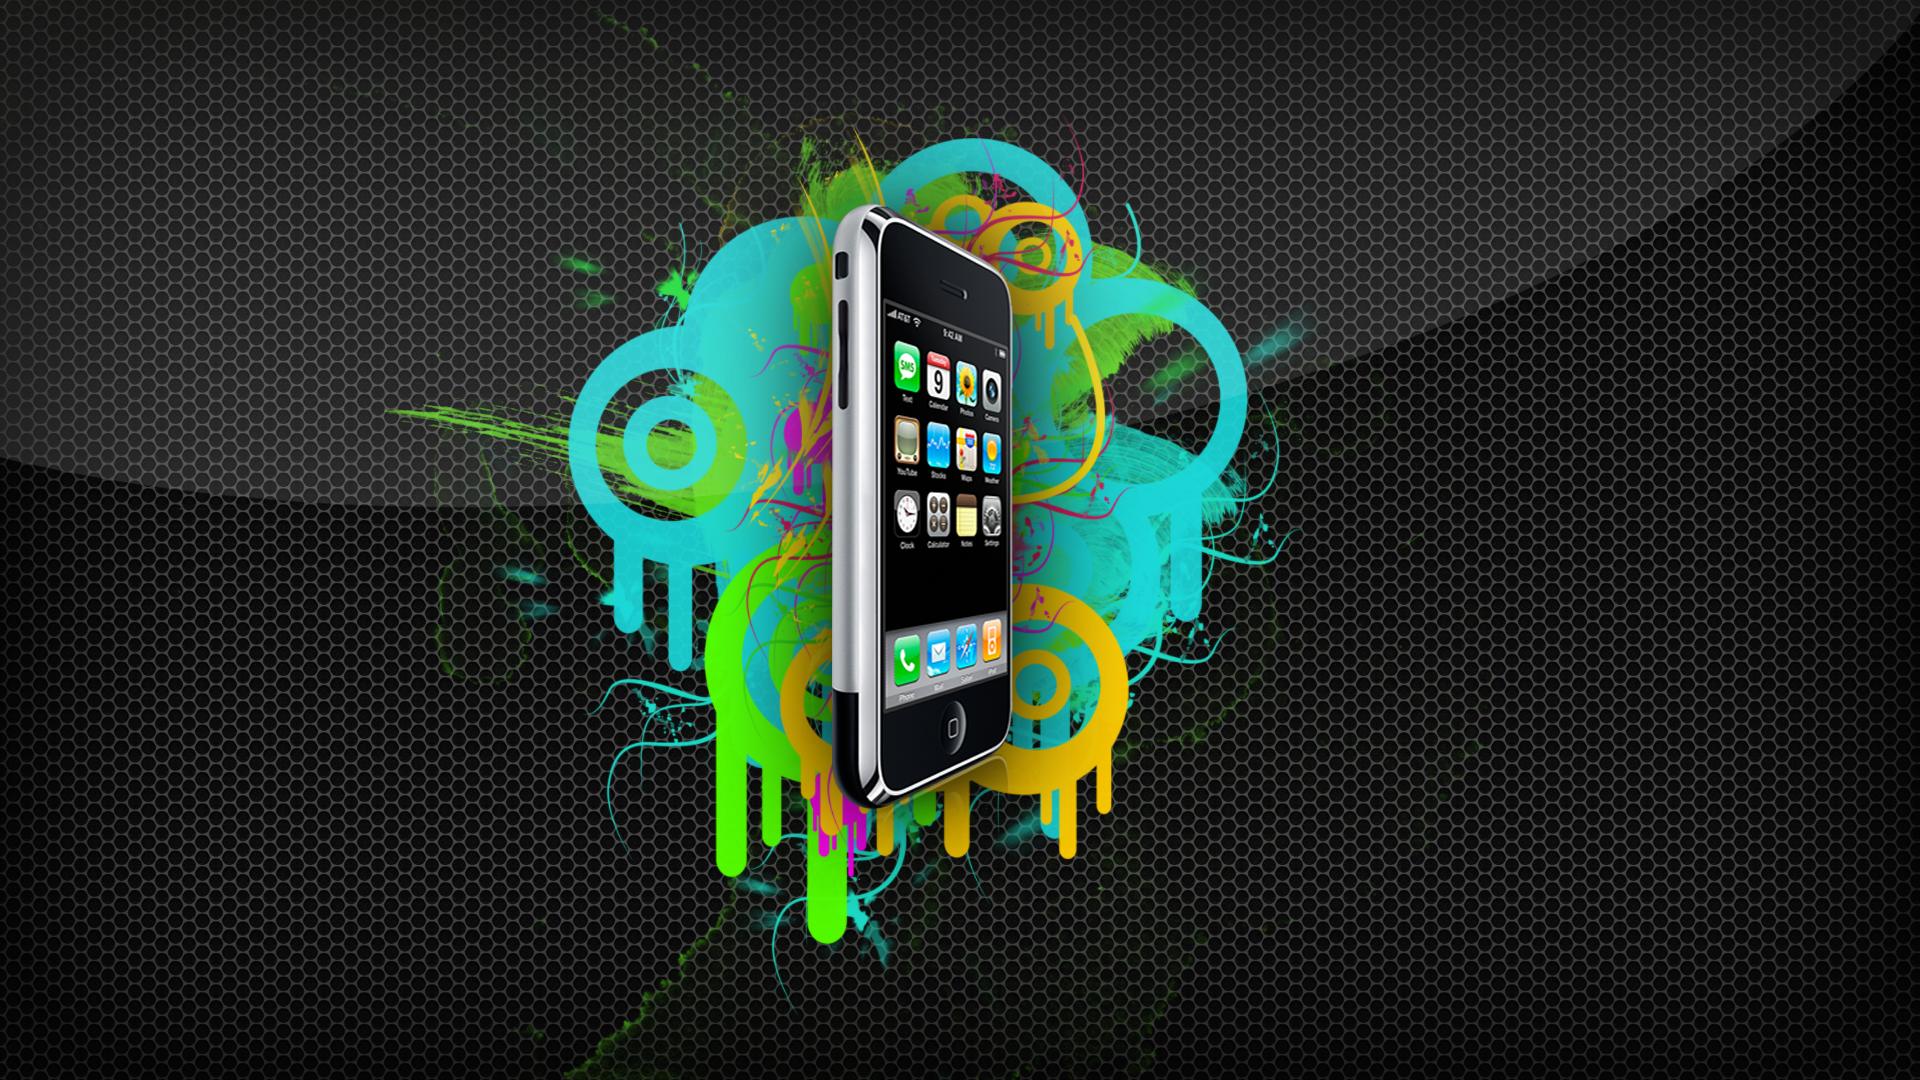 iPhone Kullanıcılarını Hedeflemek Daha Mı Kazançlı?